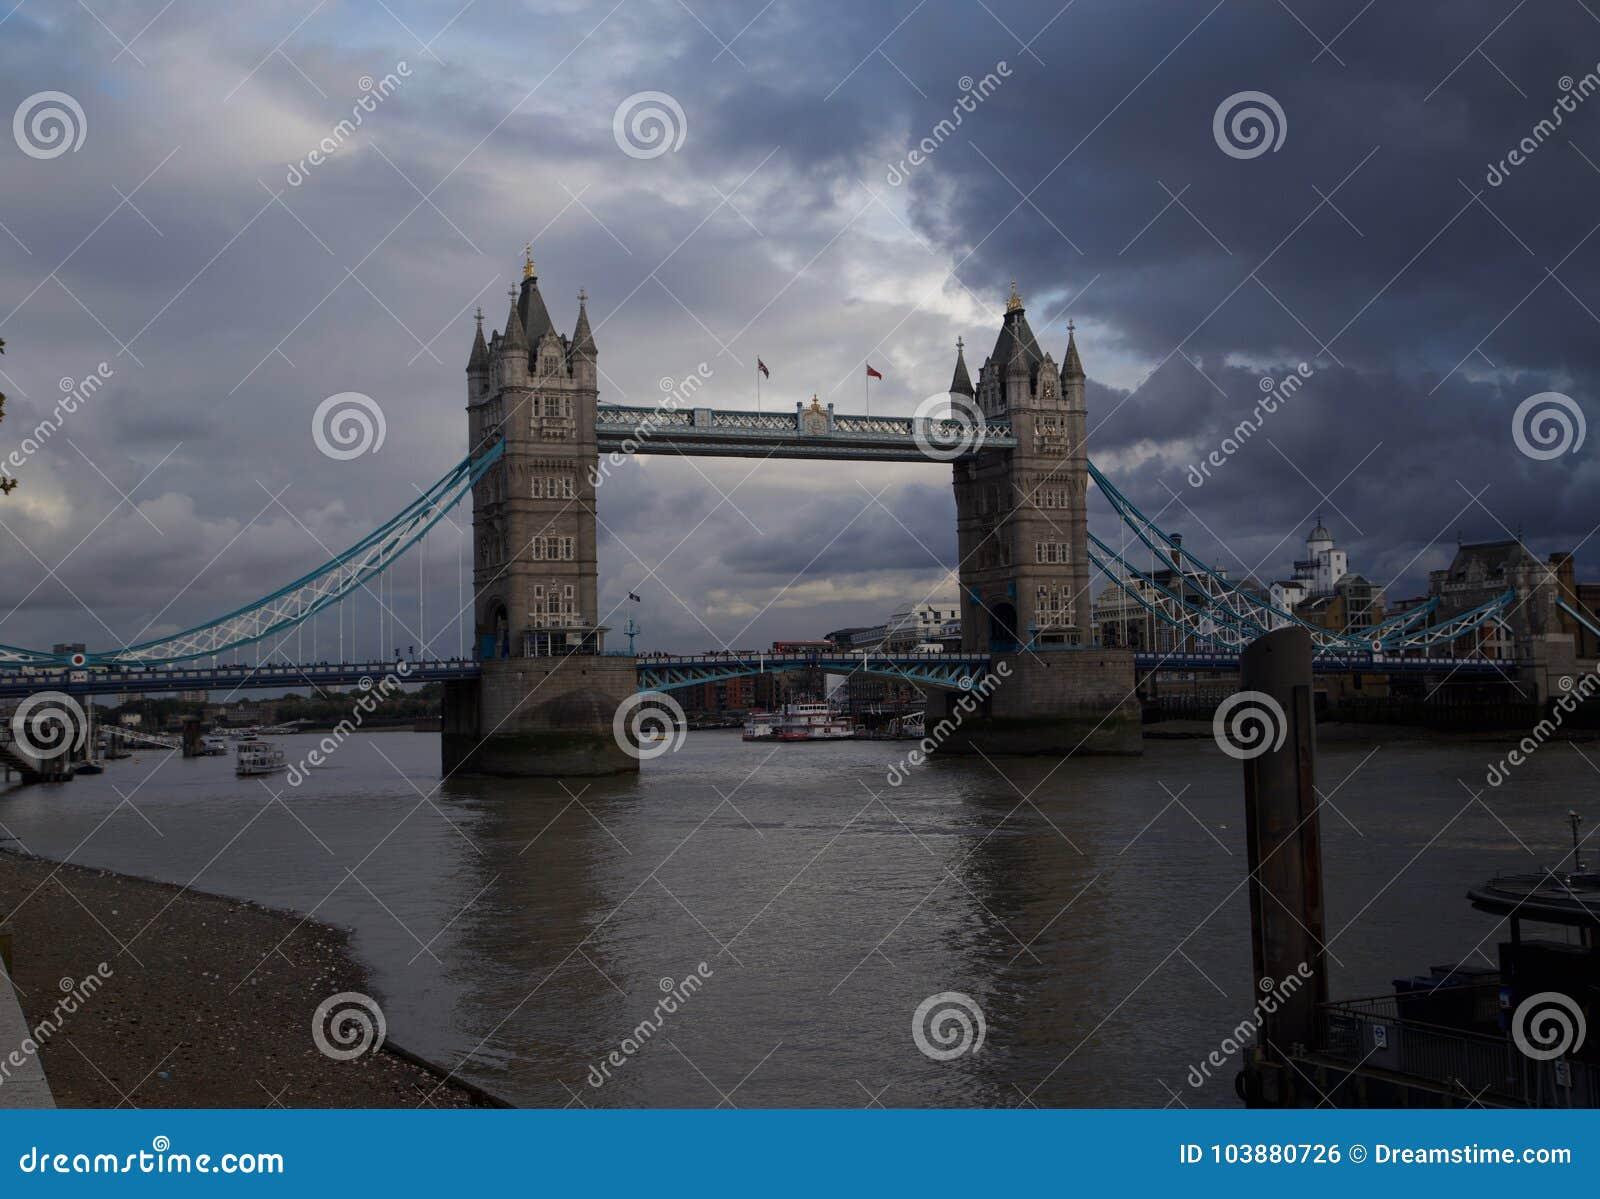 Σκοτεινά σύννεφα που περιβάλλουν τη γέφυρα του Λονδίνου